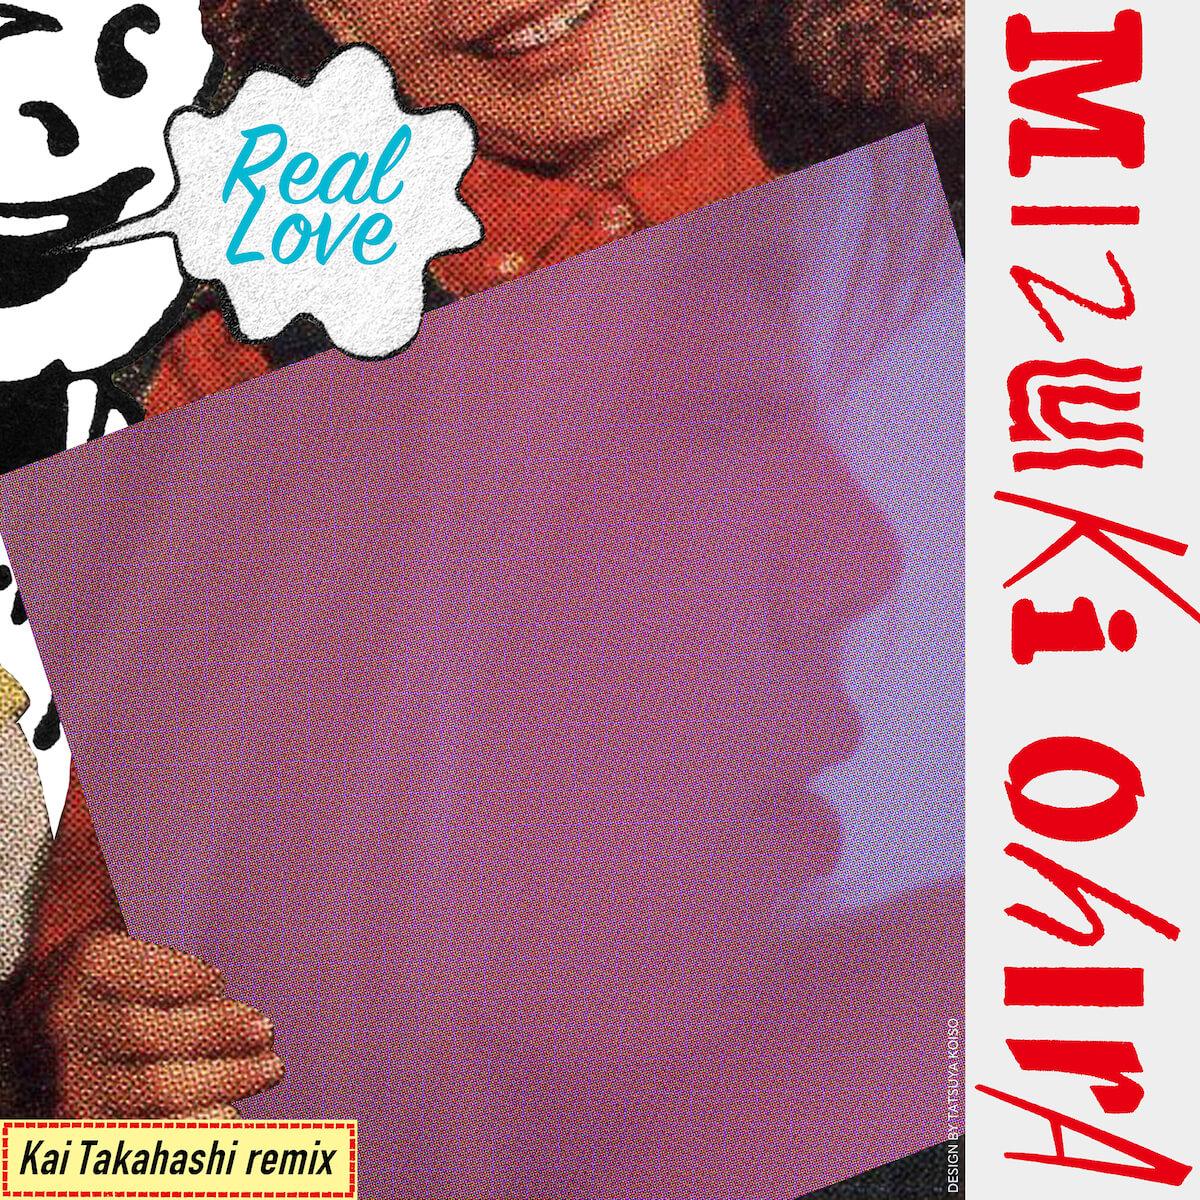 大比良瑞希の連続配信シングル&Remix企画の総まとめEPがリリース|tofubeats、STUTS、Kai Takahashi(LUCKY TAPES)が参加 music180719-ohiramizuki-7